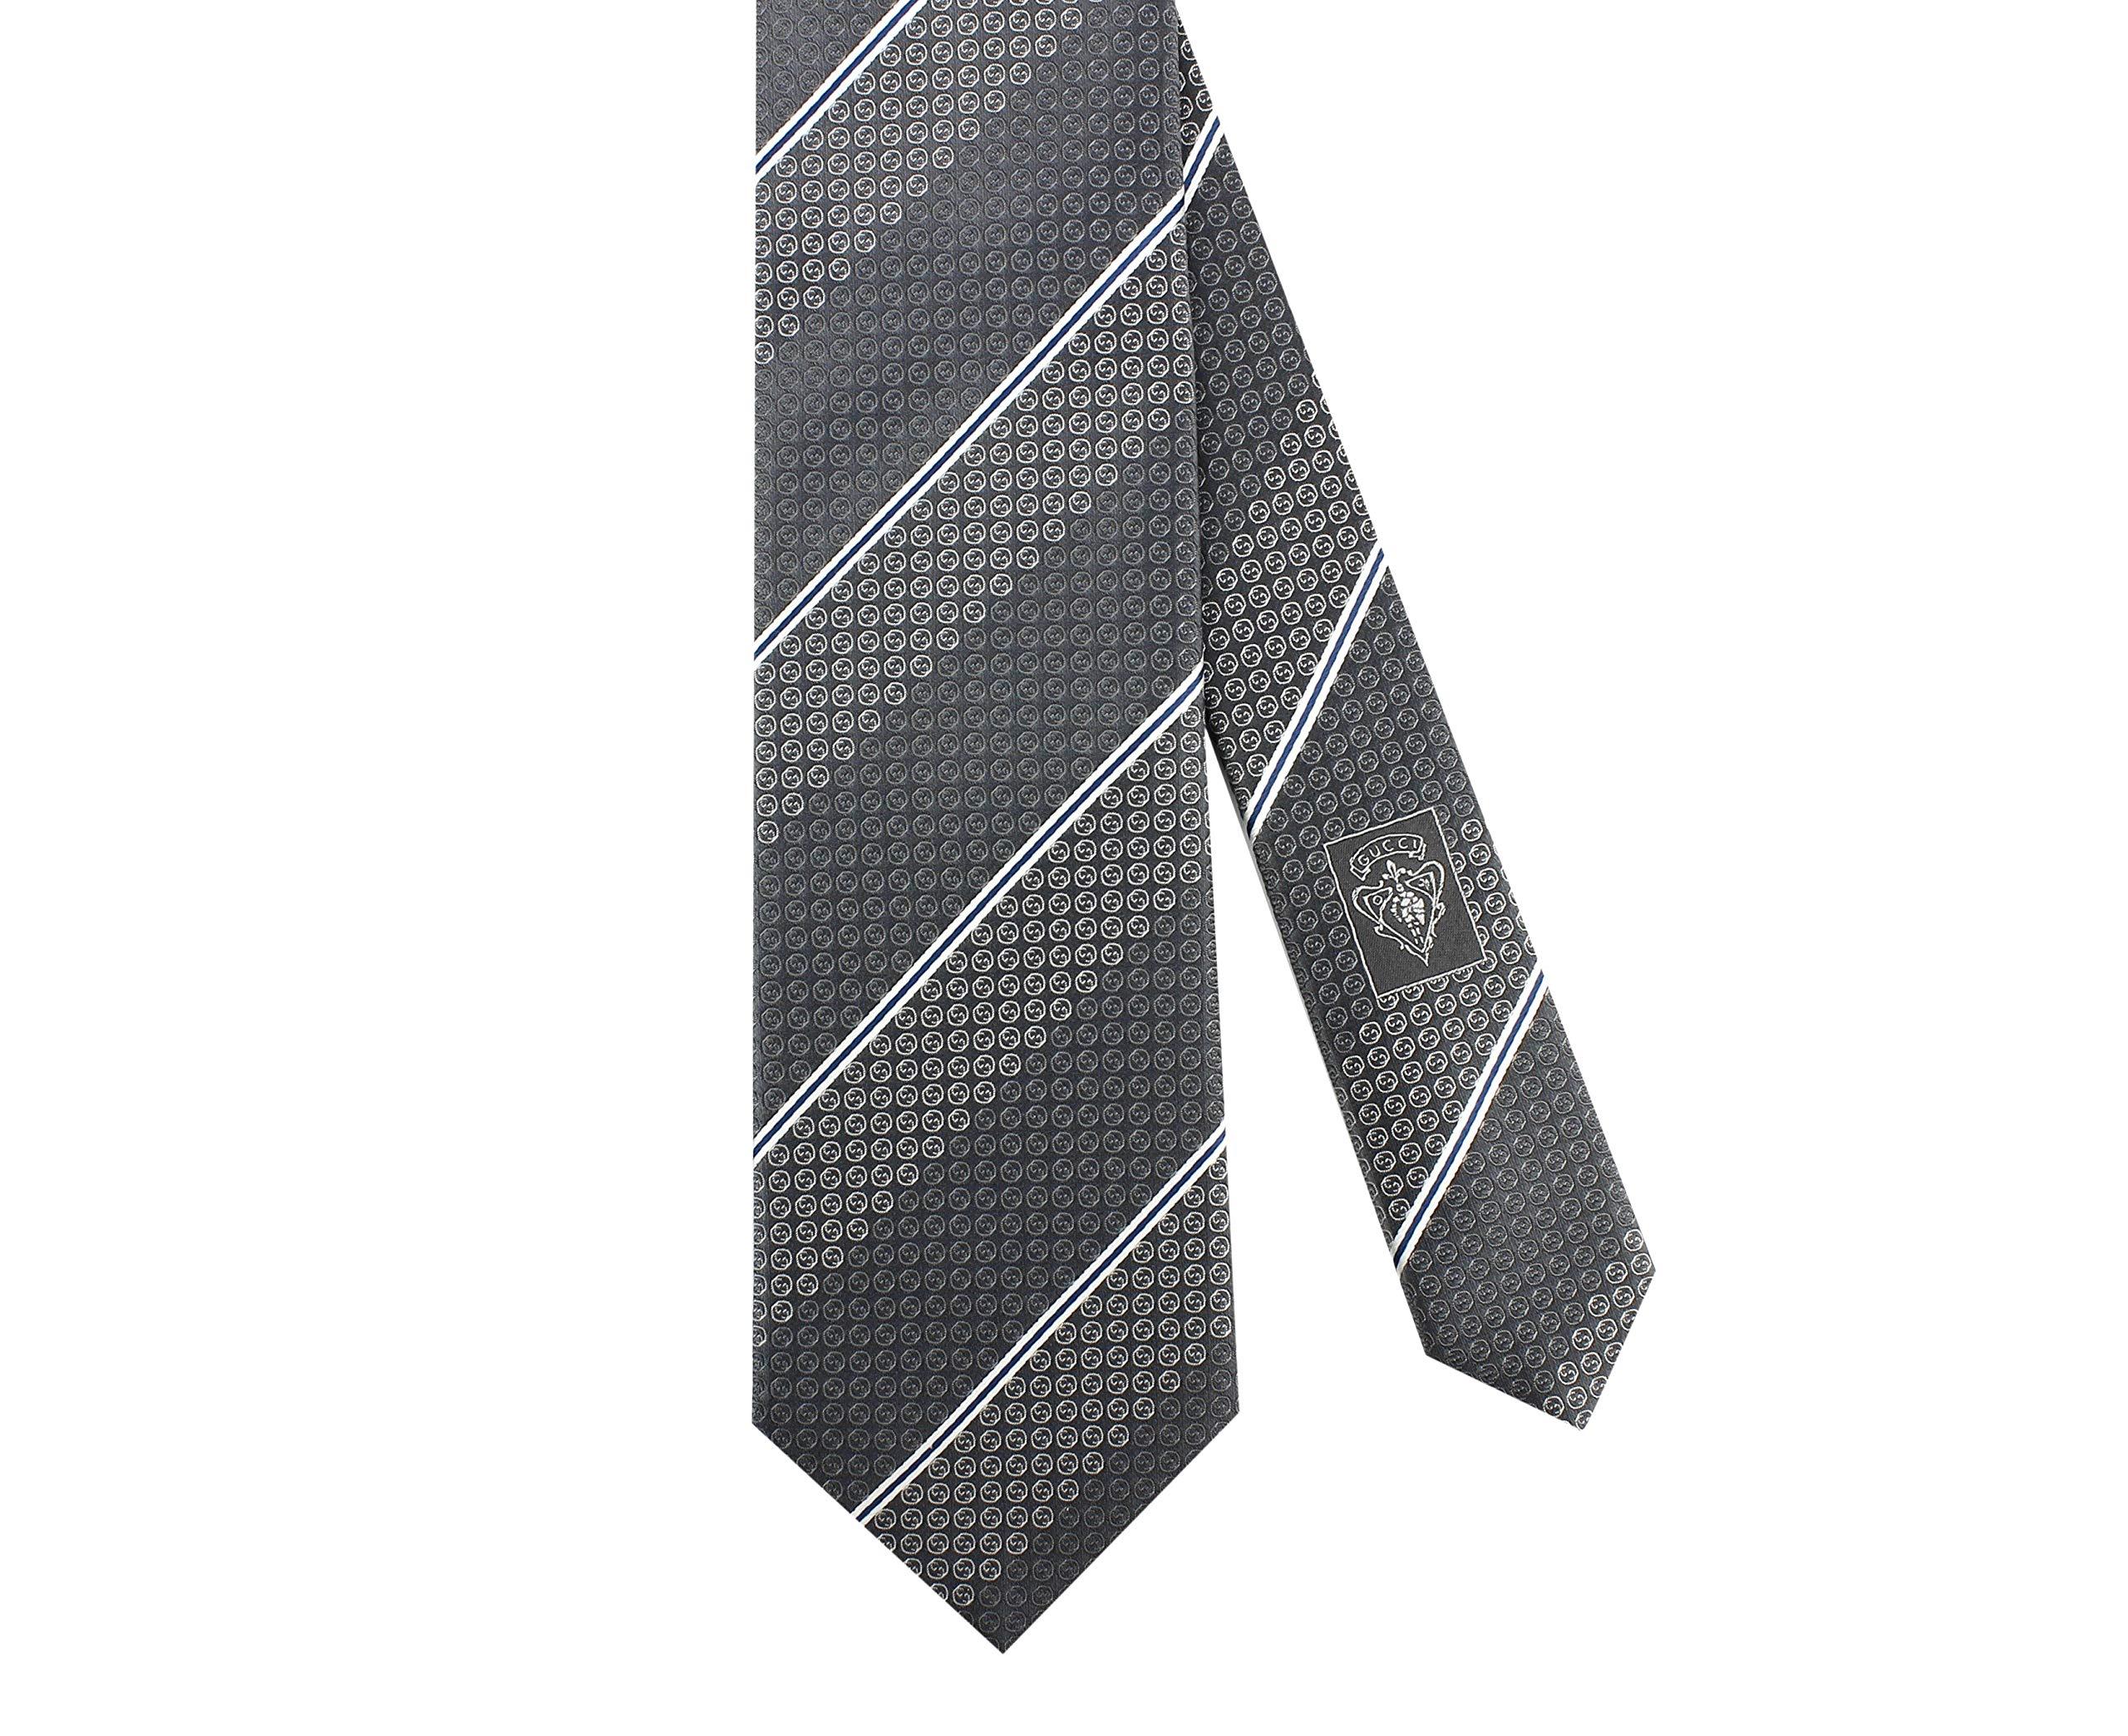 Gucci 'Imera' Micro GG Woven Italian Silk Tie, 3.25'' (8 cm) Grey 386487